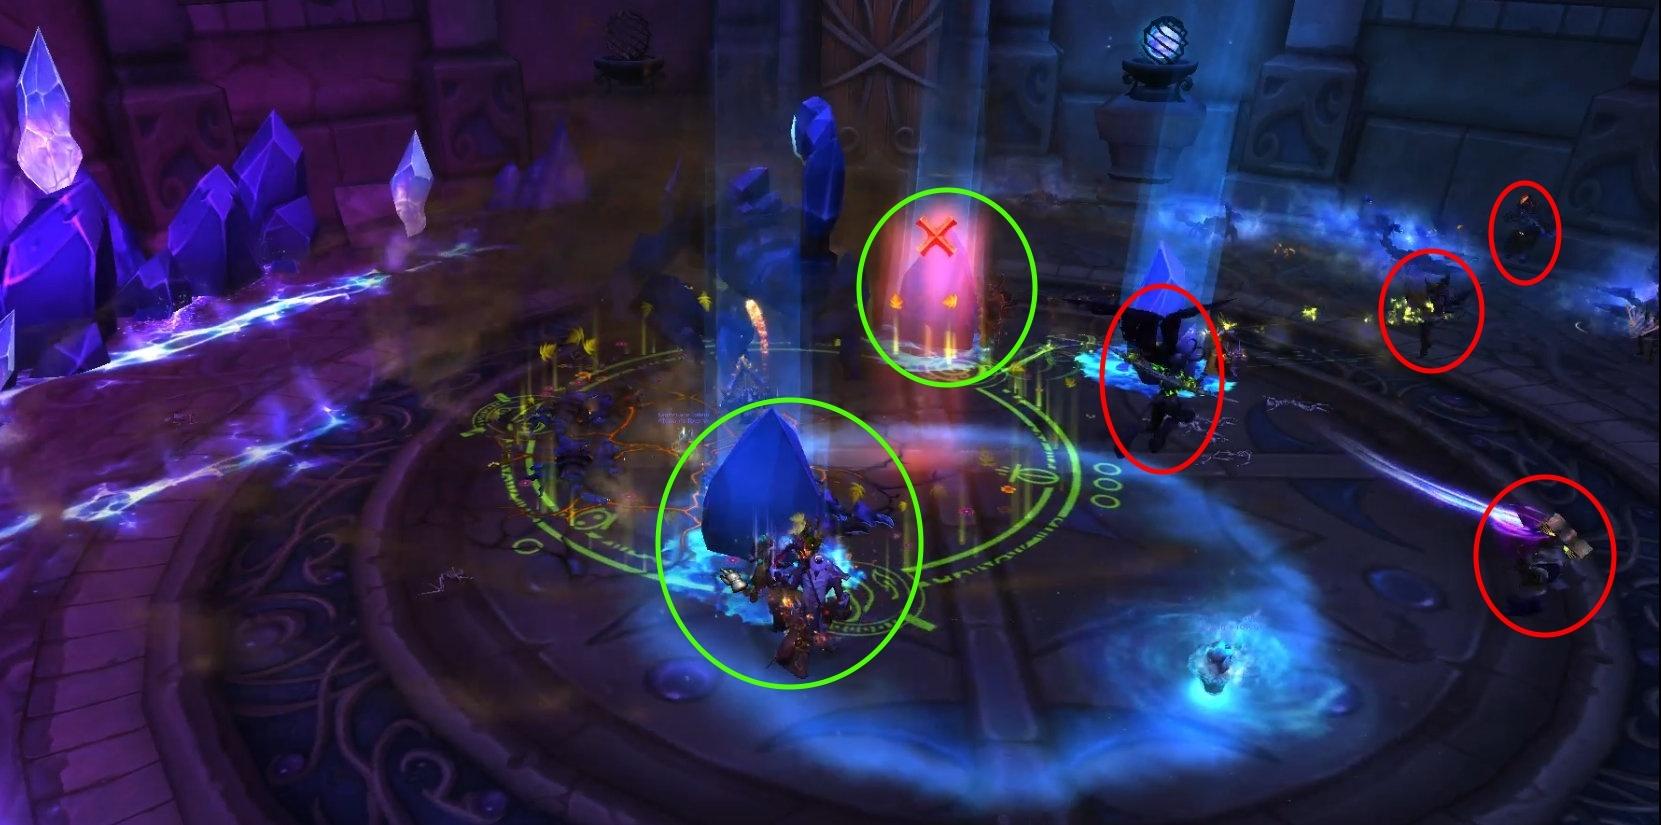 Игроки, обведенные зелеными овалами, спрятались от Ударной волны. Игроки, обведенные красными овалами, не спрятались и были отброшены к скорпидам.